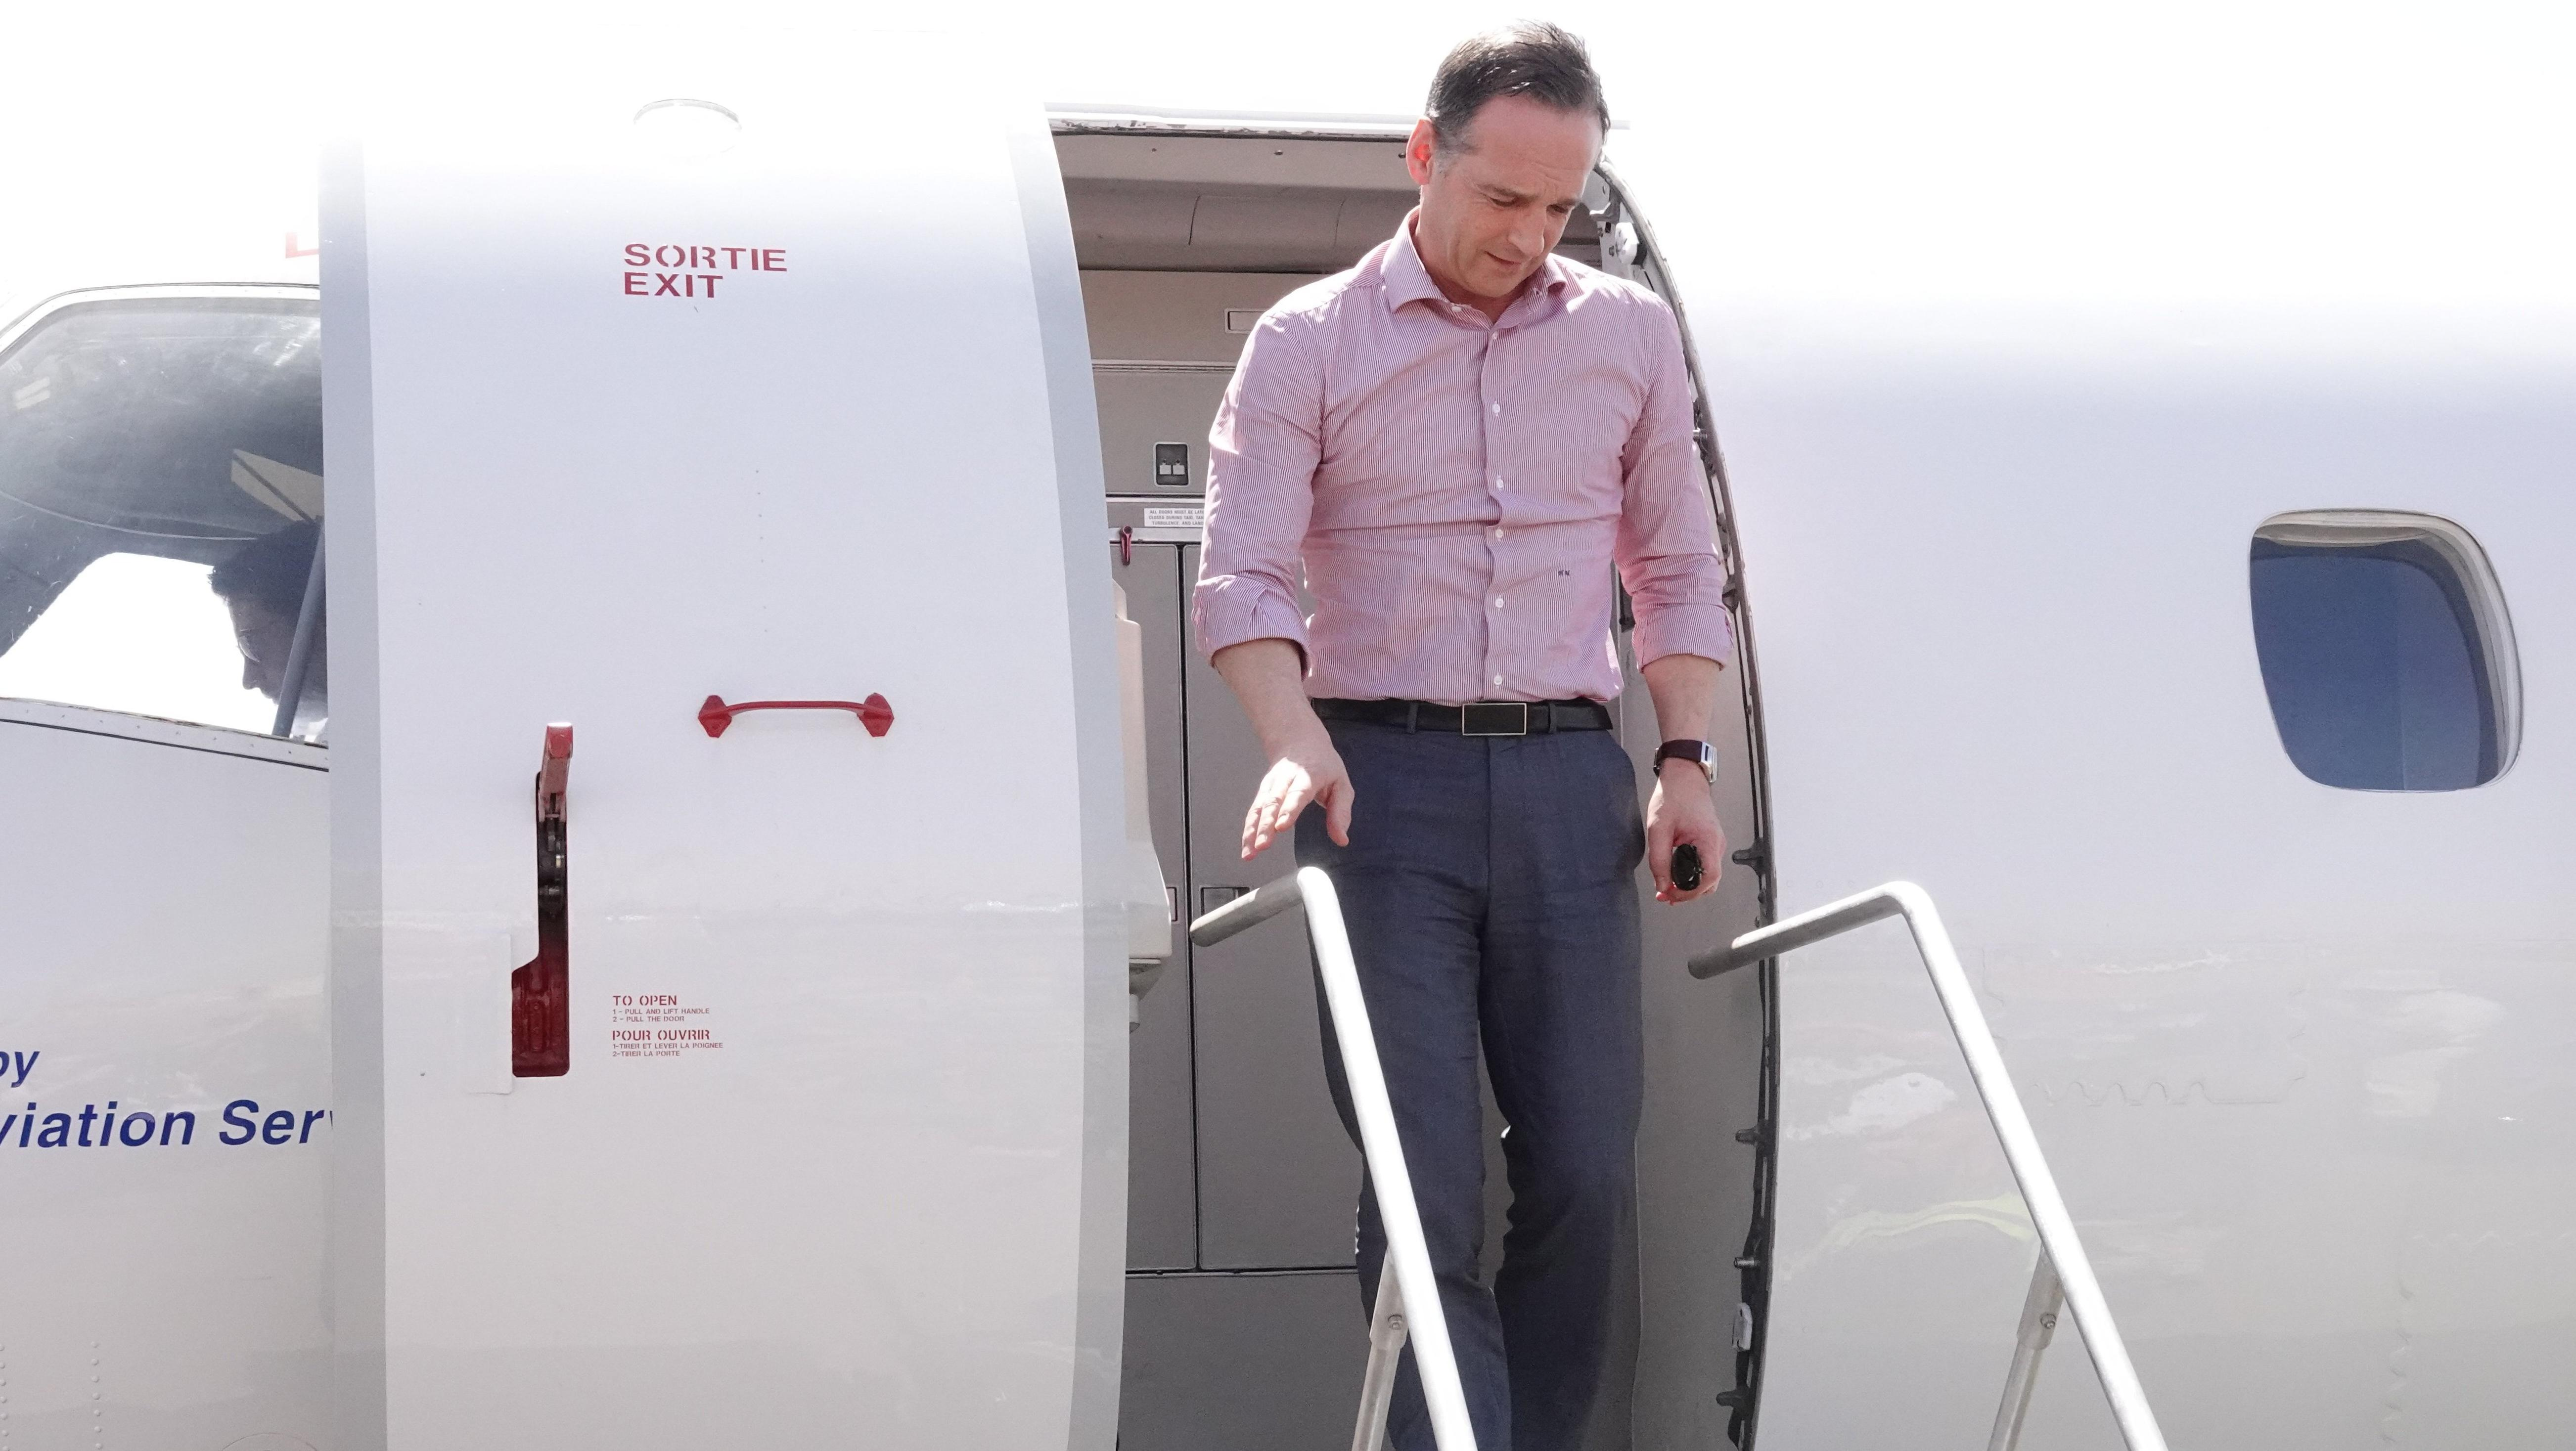 Archiv: Maas steigt aus Flugzeug